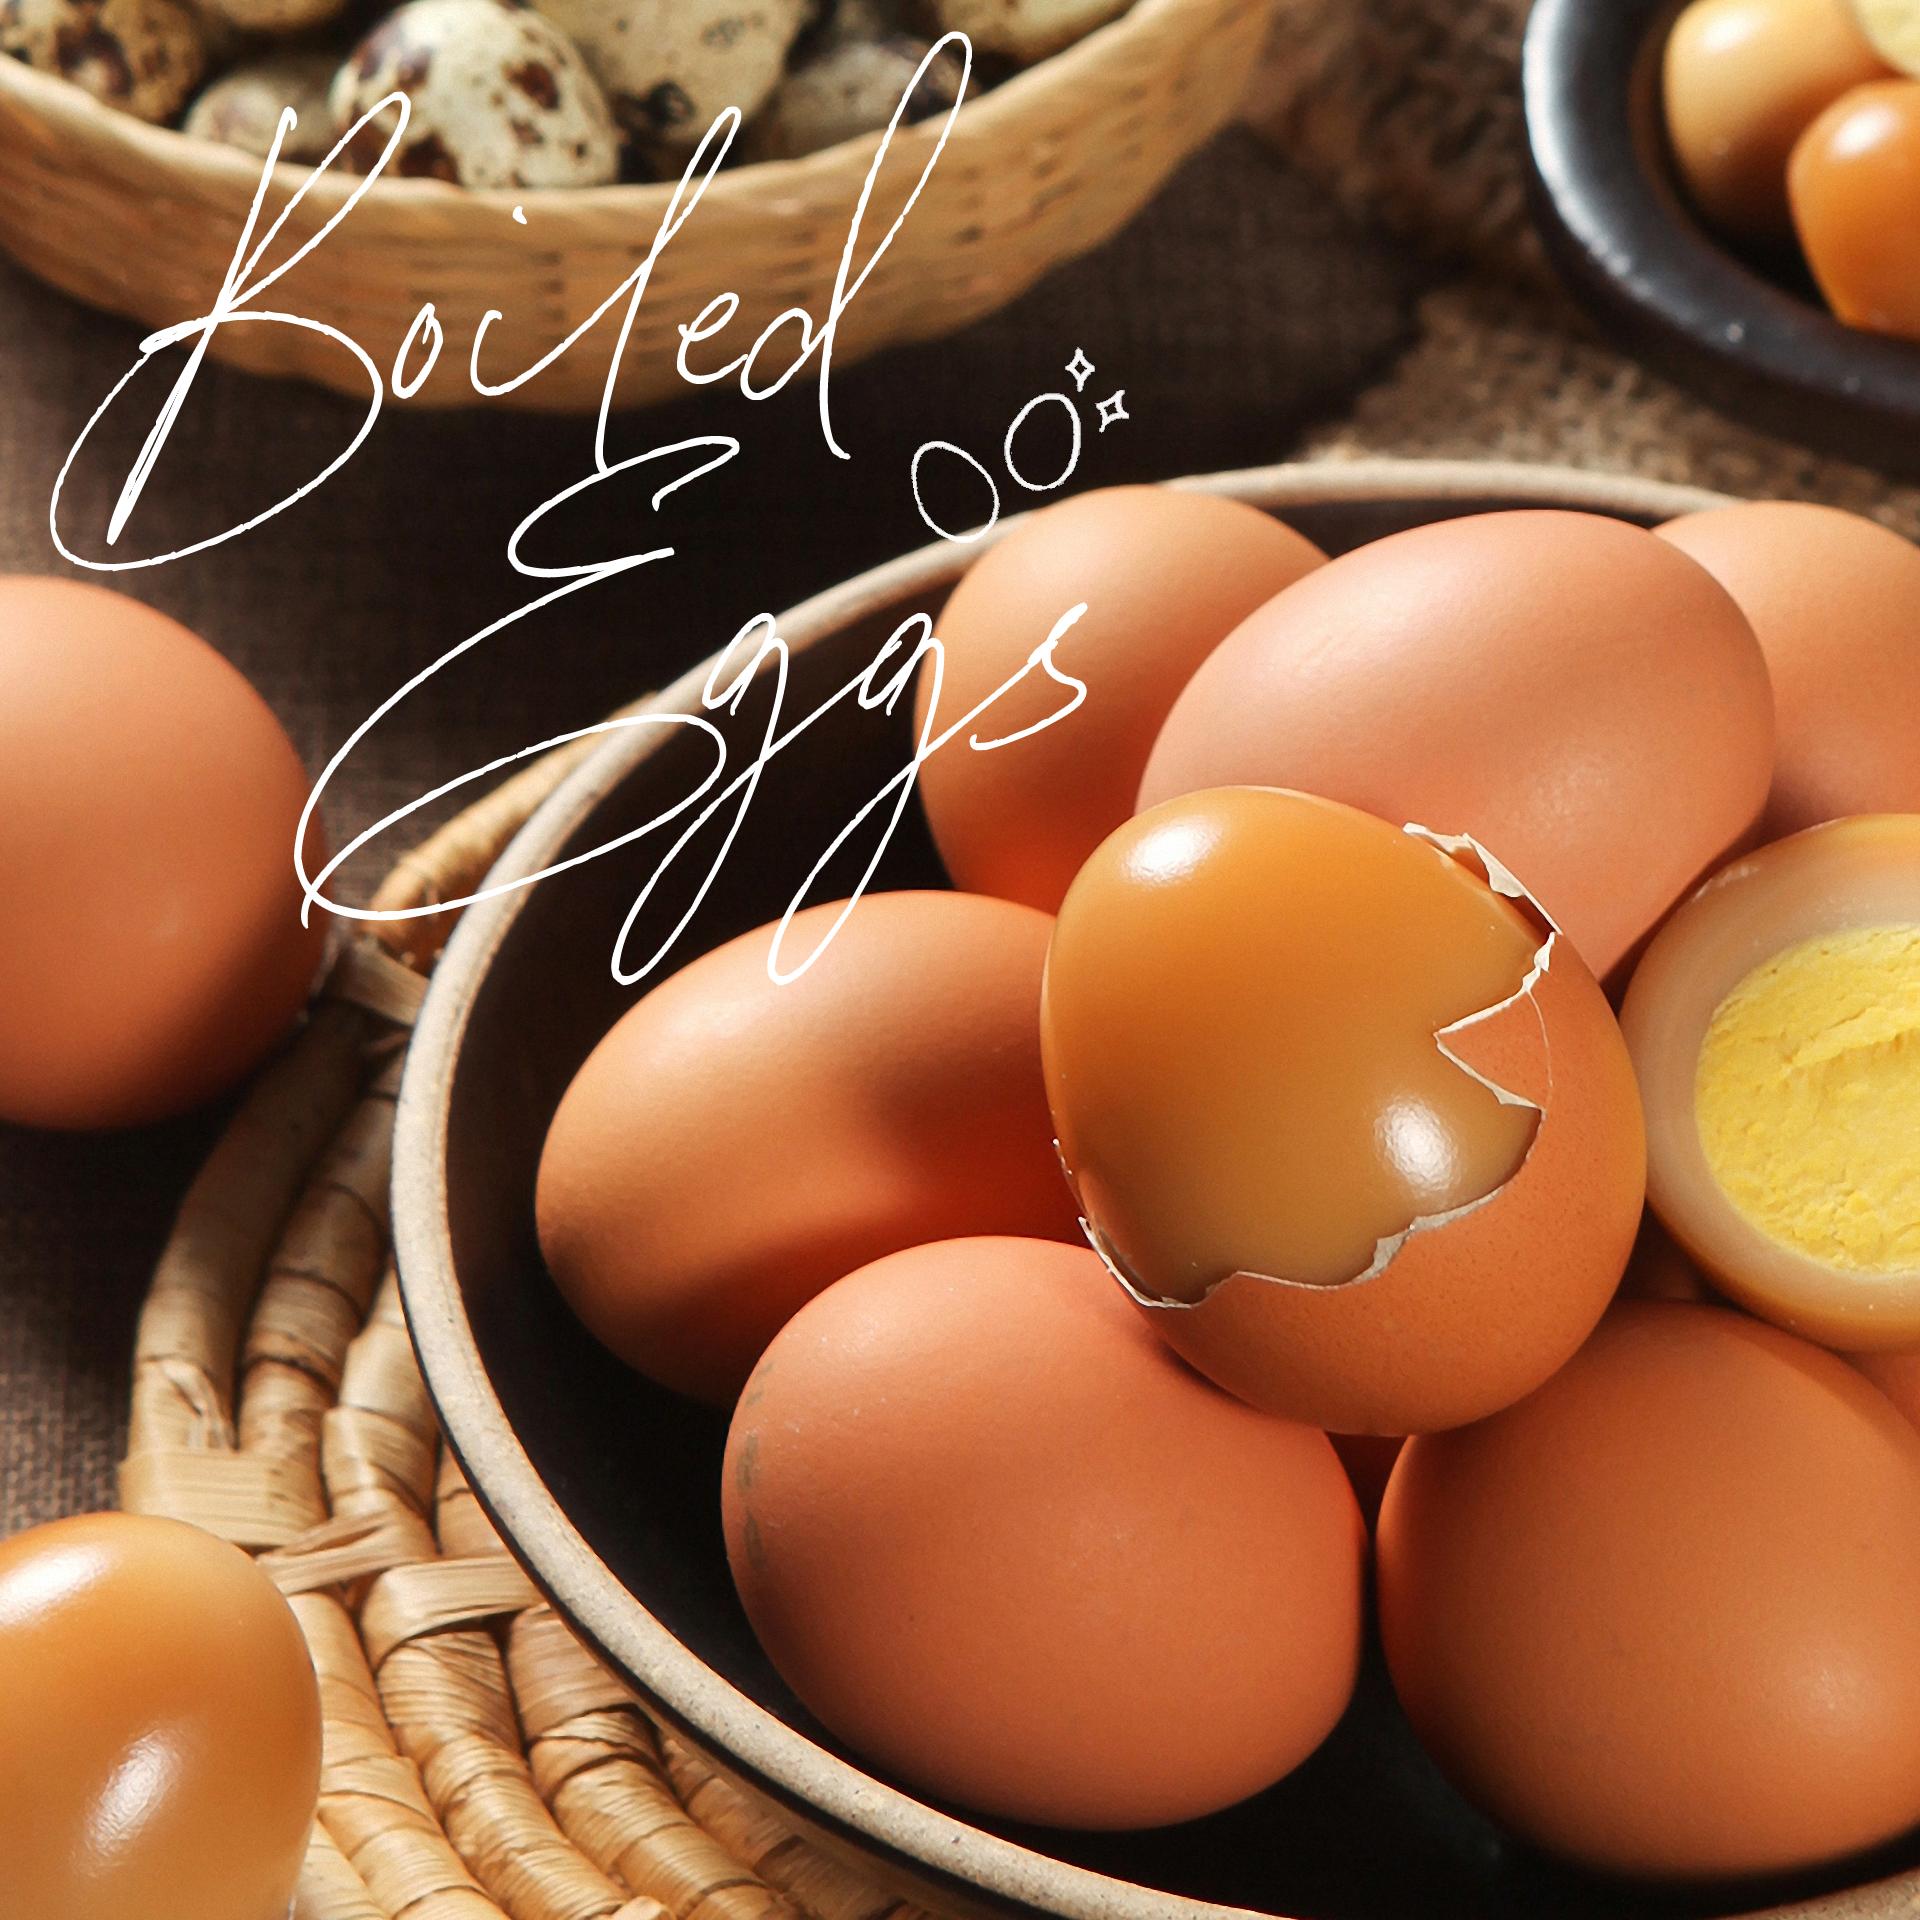 찜질방에서 먹던  구운 계란 만들기